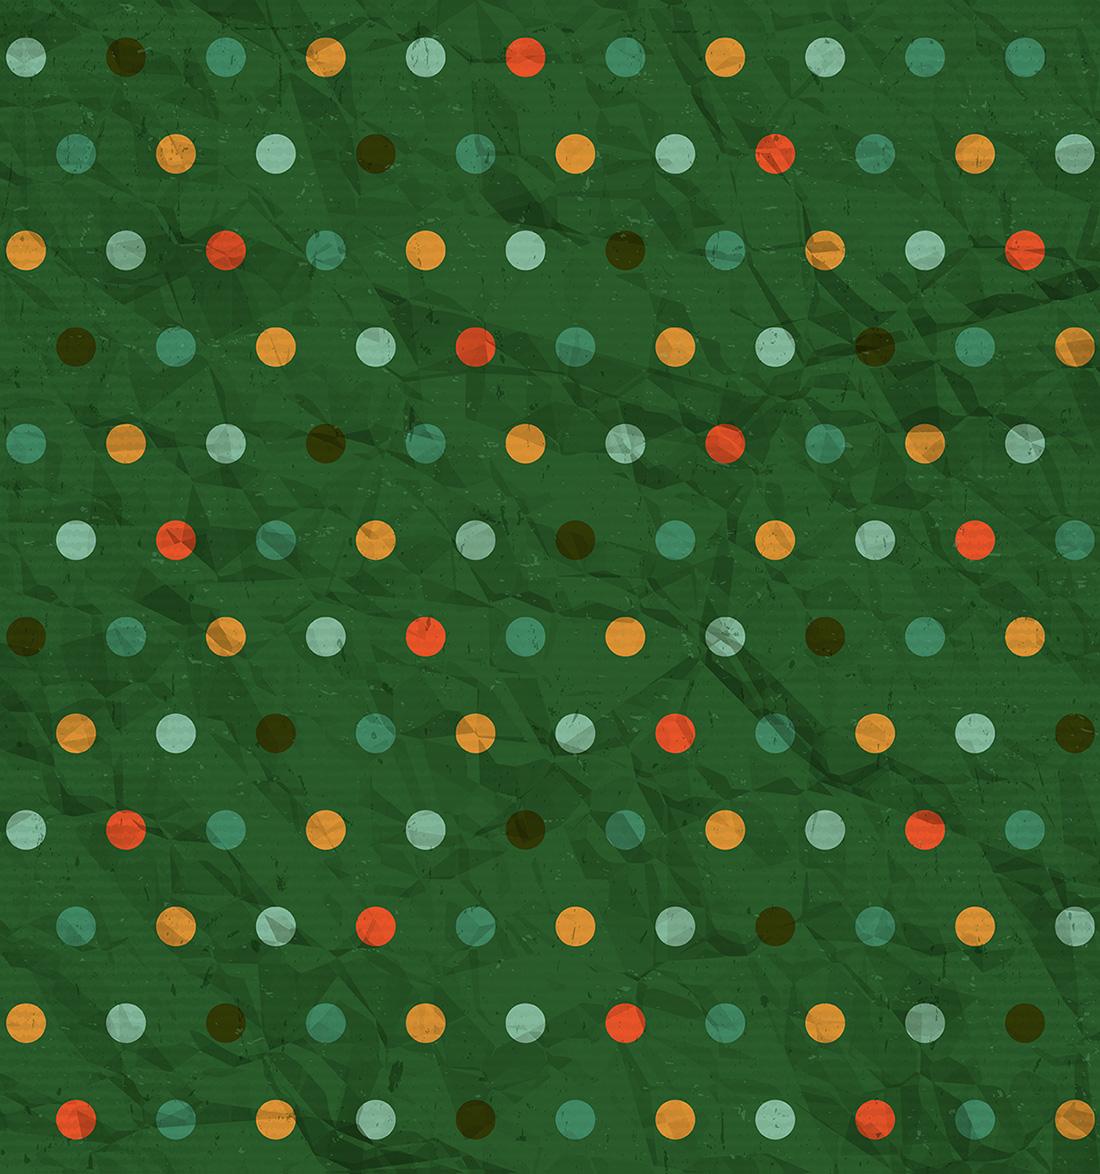 Crumpled Polka Dot Paper